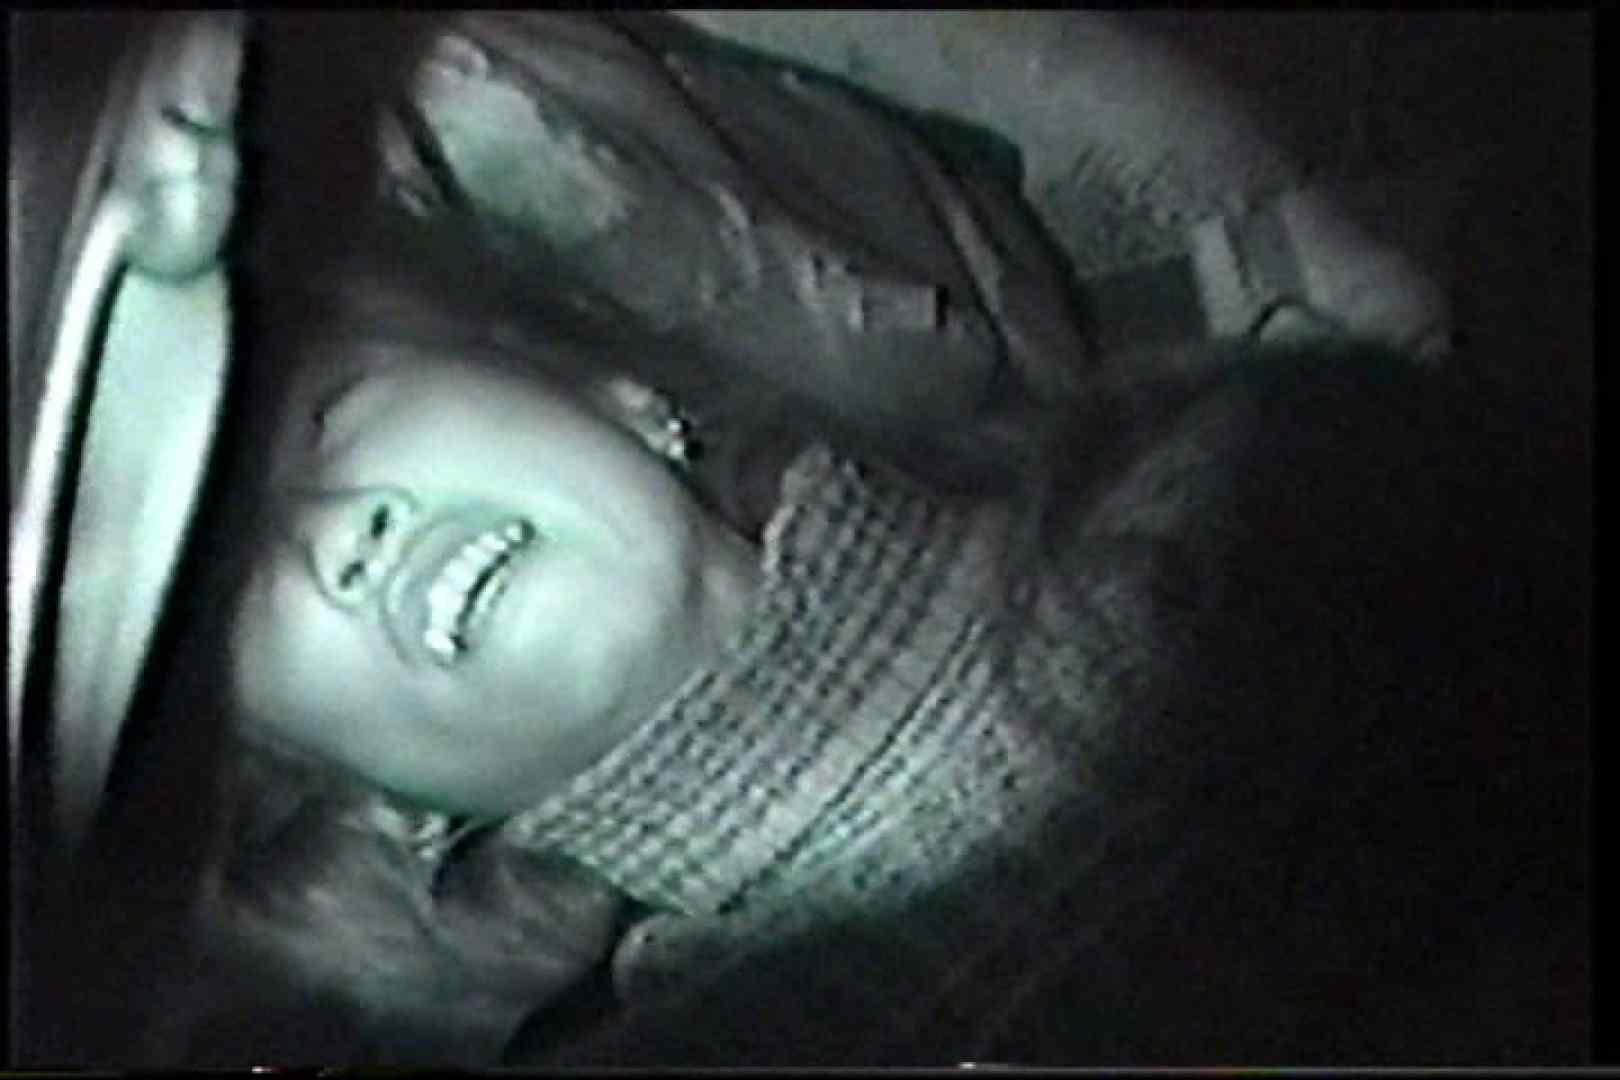 充血監督の深夜の運動会Vol.214 後編. 手マン すけべAV動画紹介 88pic 63